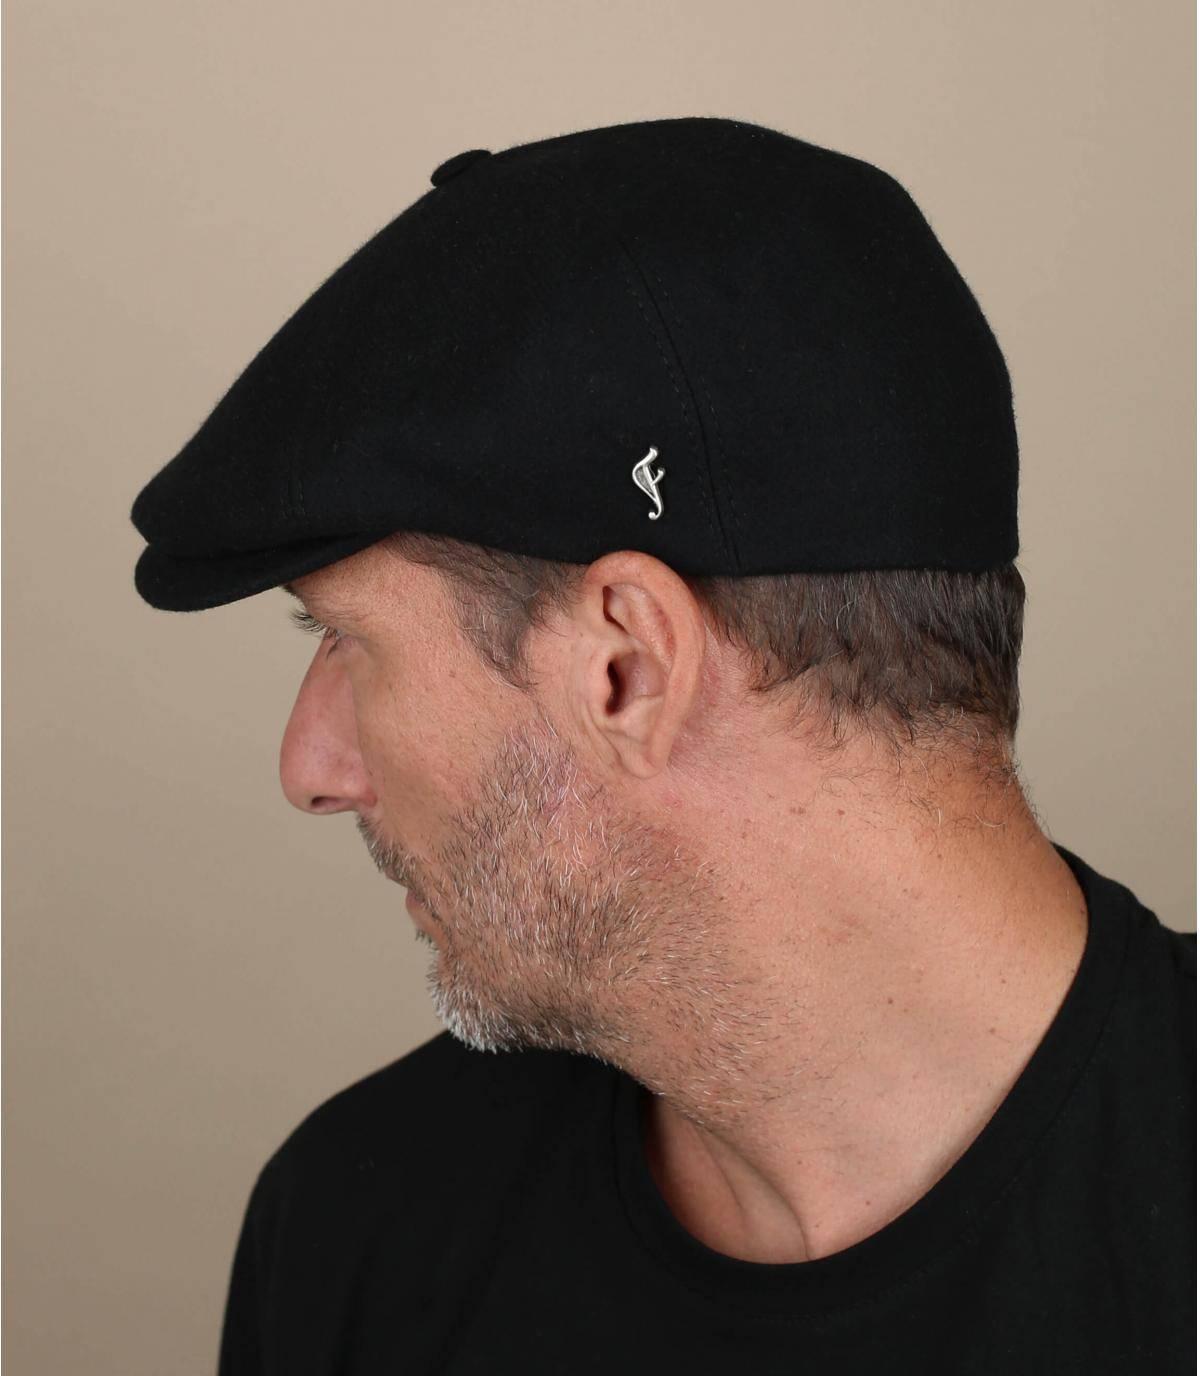 Eco-friendly cap